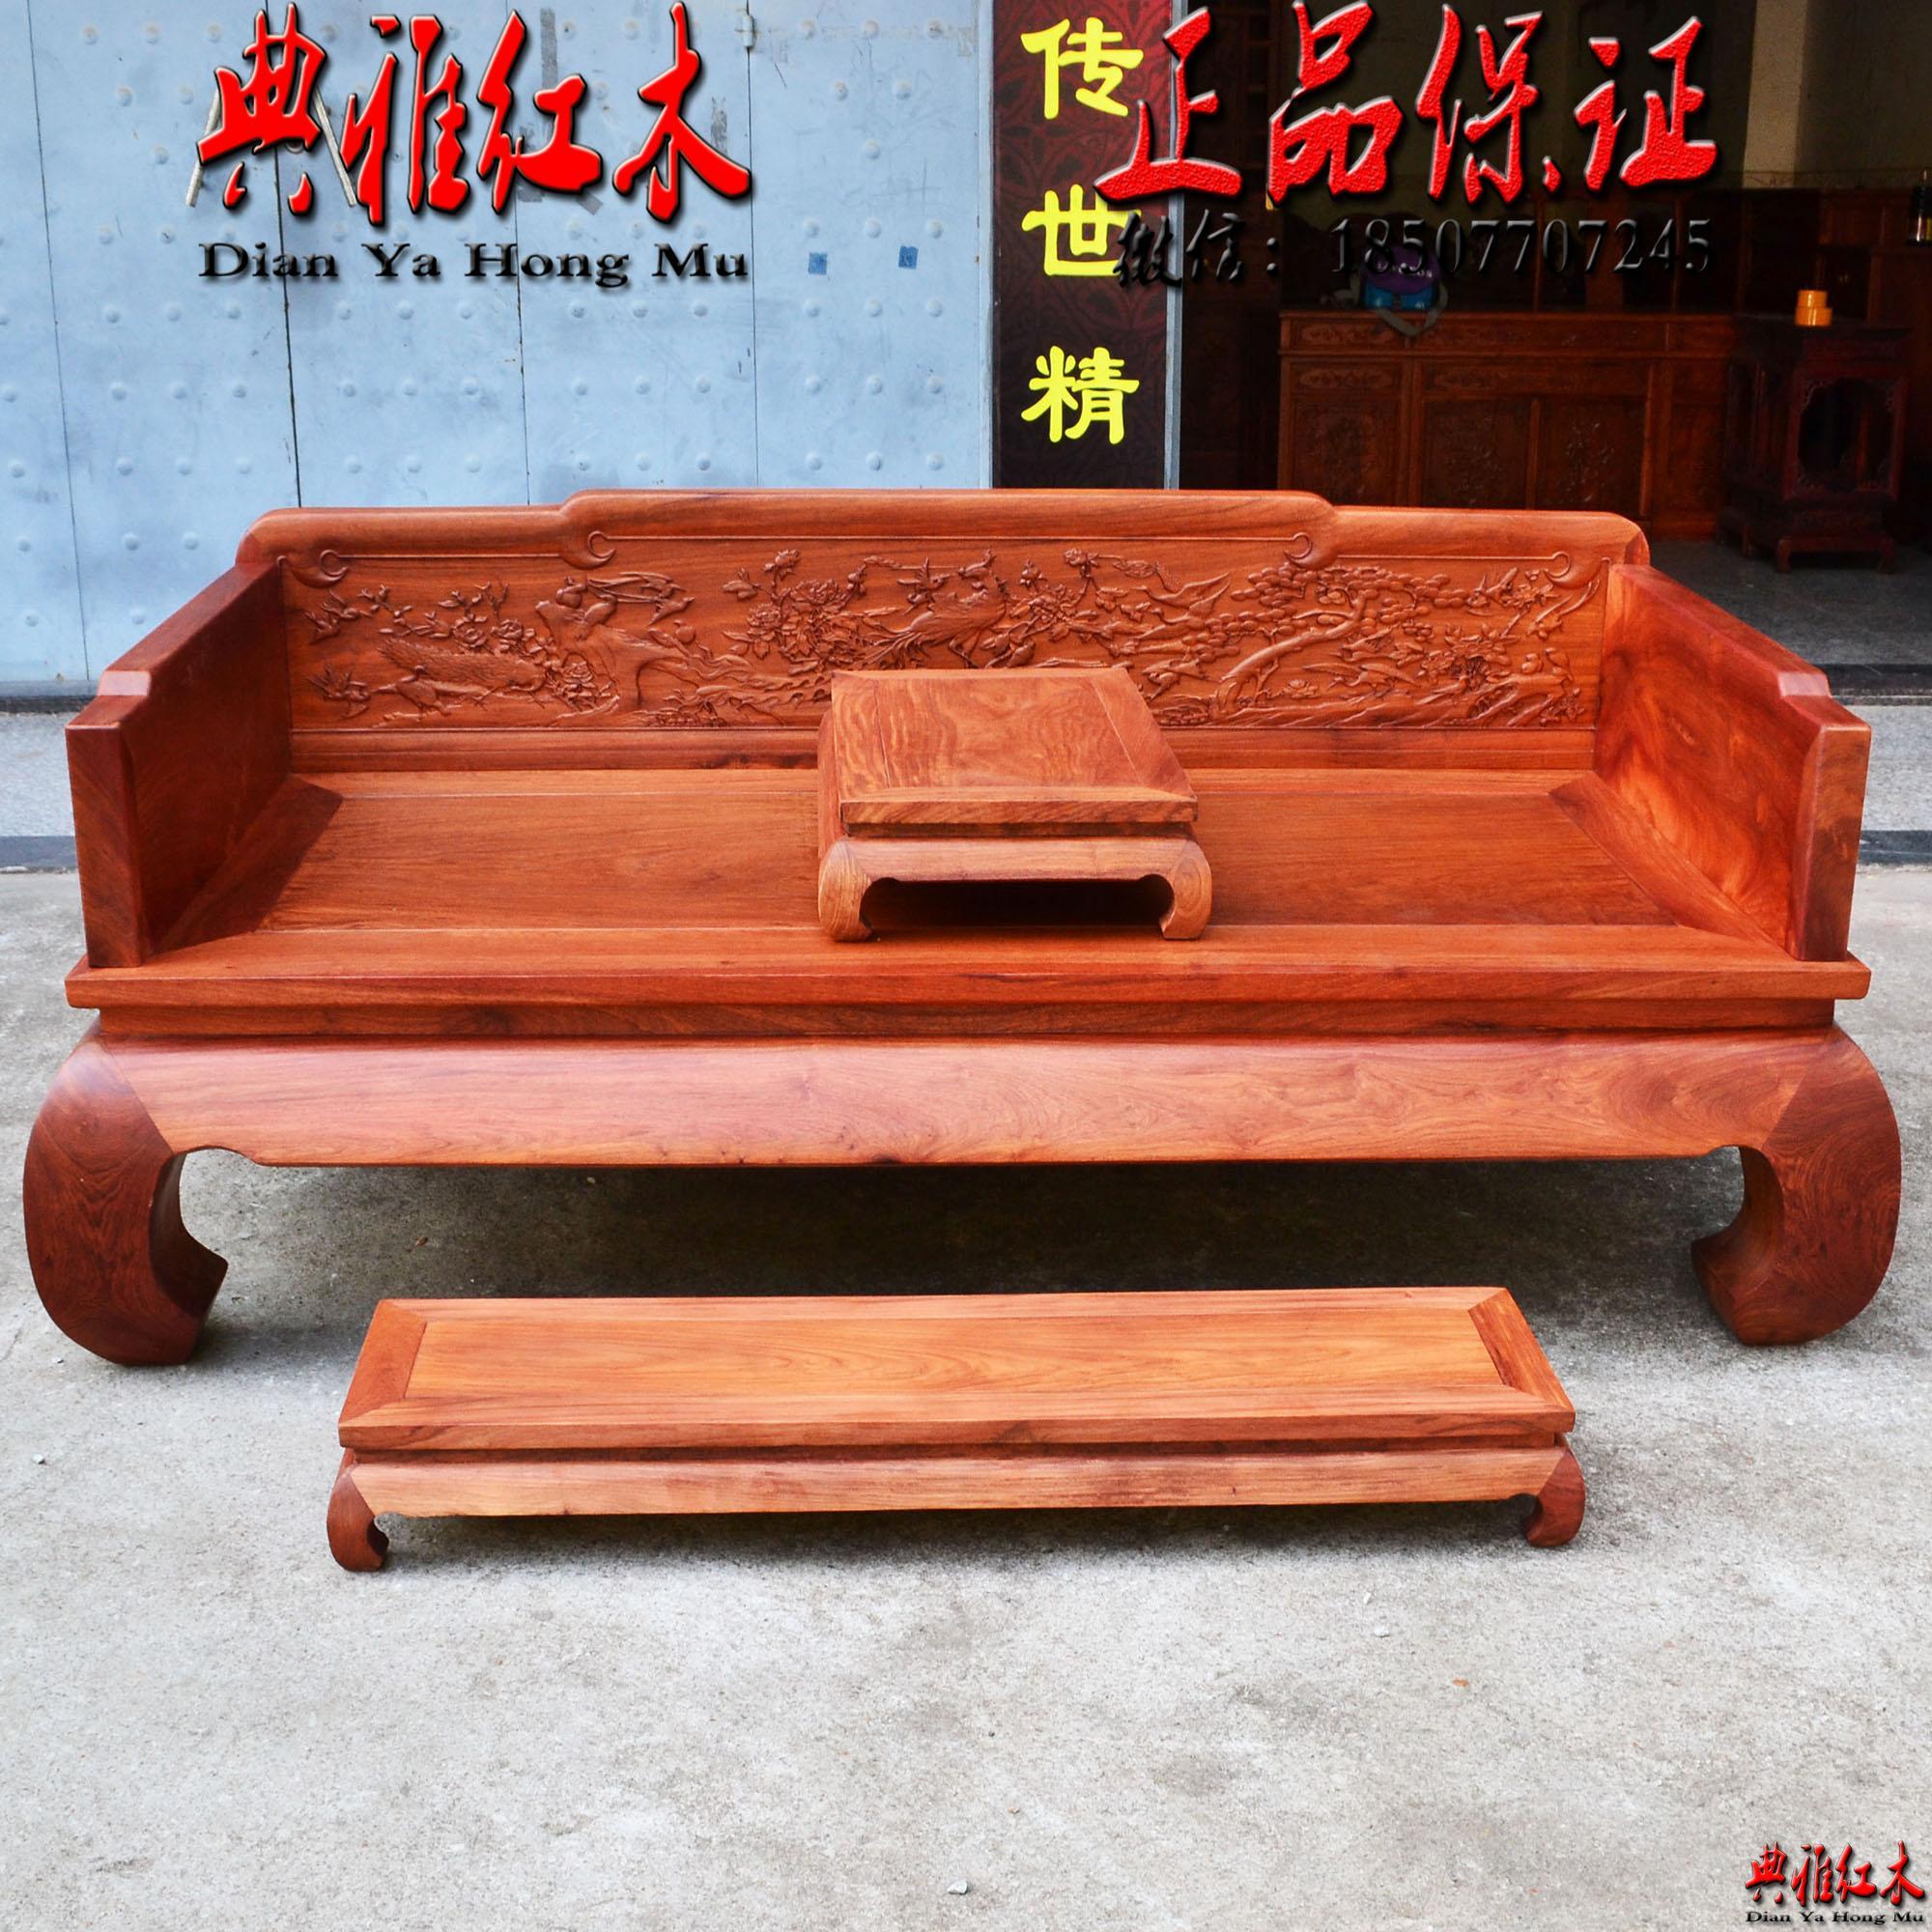 小叶[家具床]正品紫檀床值钱评测一心小叶招聘紫檀紫檀成都图片